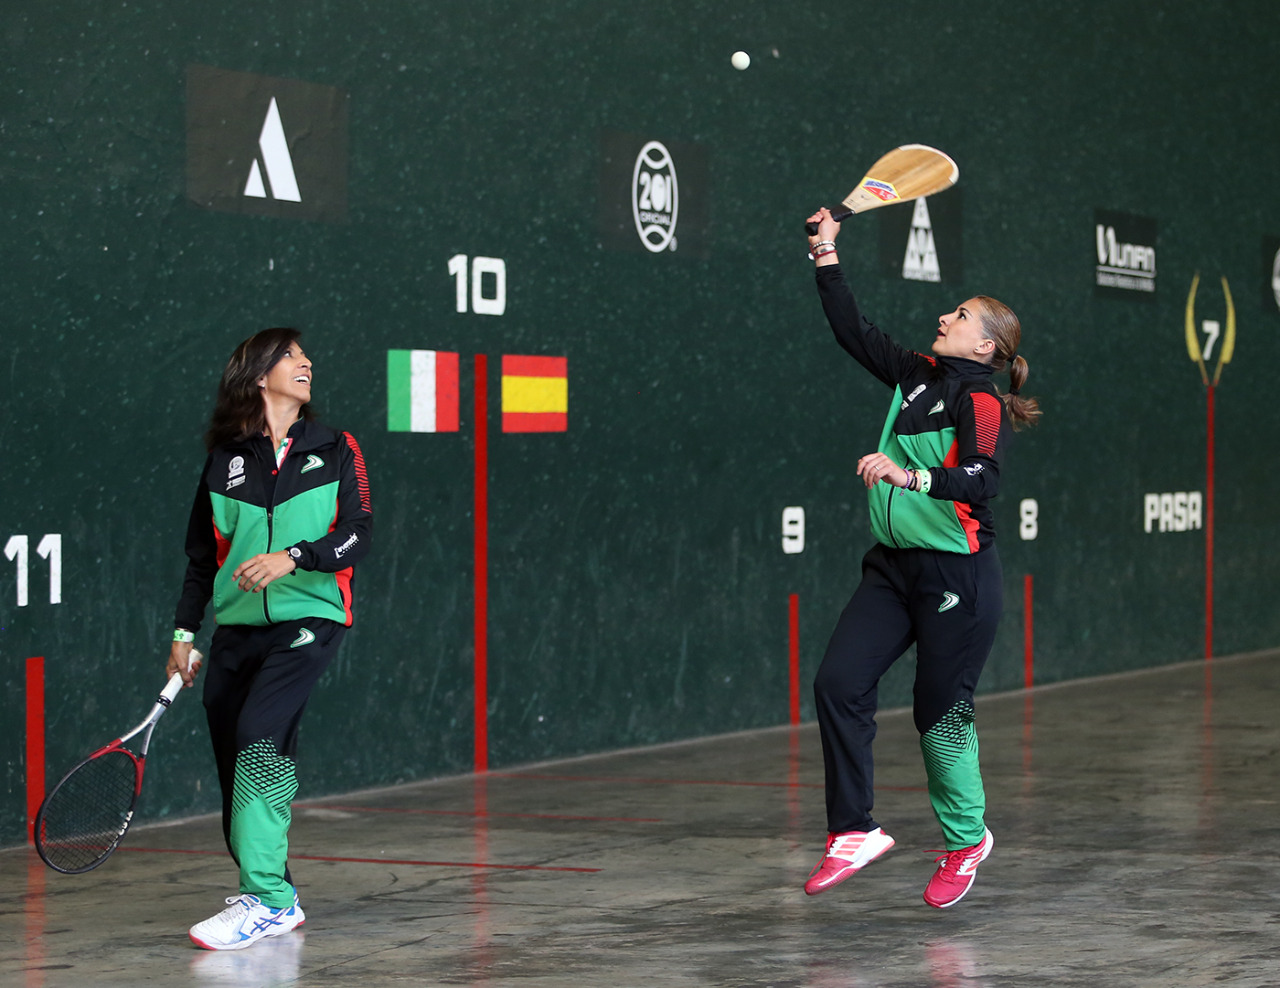 Las preseleccionadas de frontón afinan detalles para conseguir su boleto a Lima 2019 y defender su título del 2011